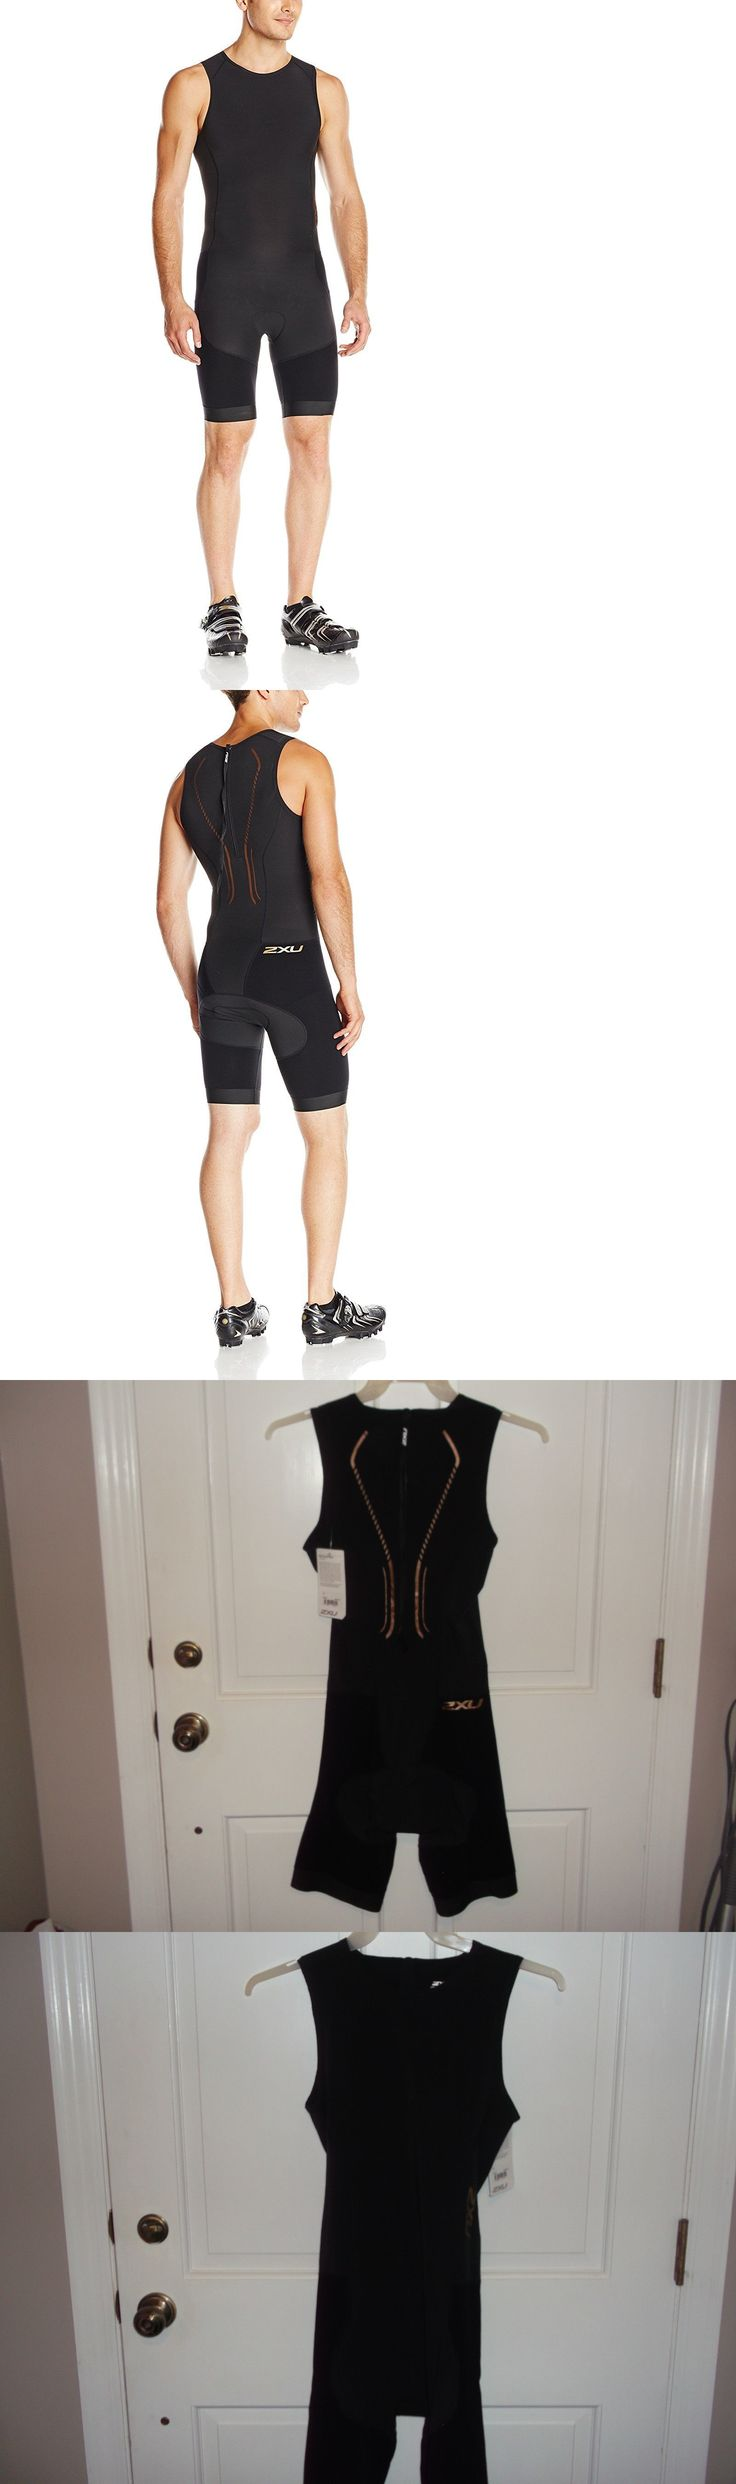 Triathlon 2918: New 2Xu Short Course Trisuit Mens Size Large Black Rear Zip Triathlon Mt2695d BUY IT NOW ONLY: $89.9